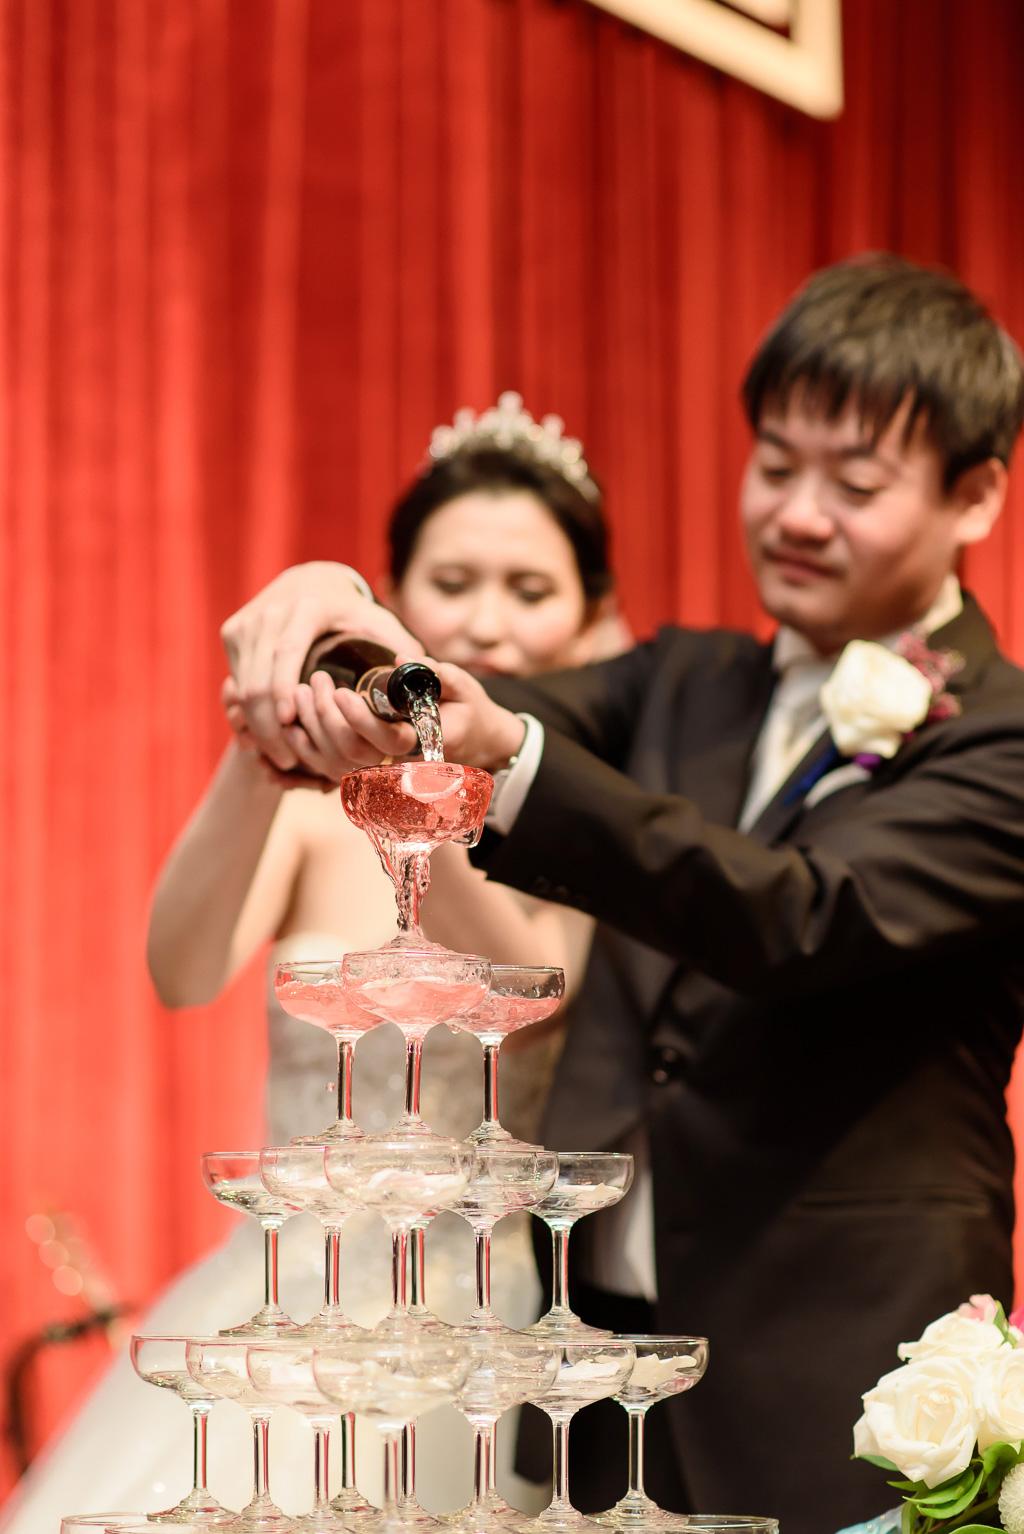 婚攝小勇,小寶團隊, 新娘Cindy, 自助婚紗, 婚禮紀錄, 遠東香格里拉宴客,宴客,台北,wedding day-091